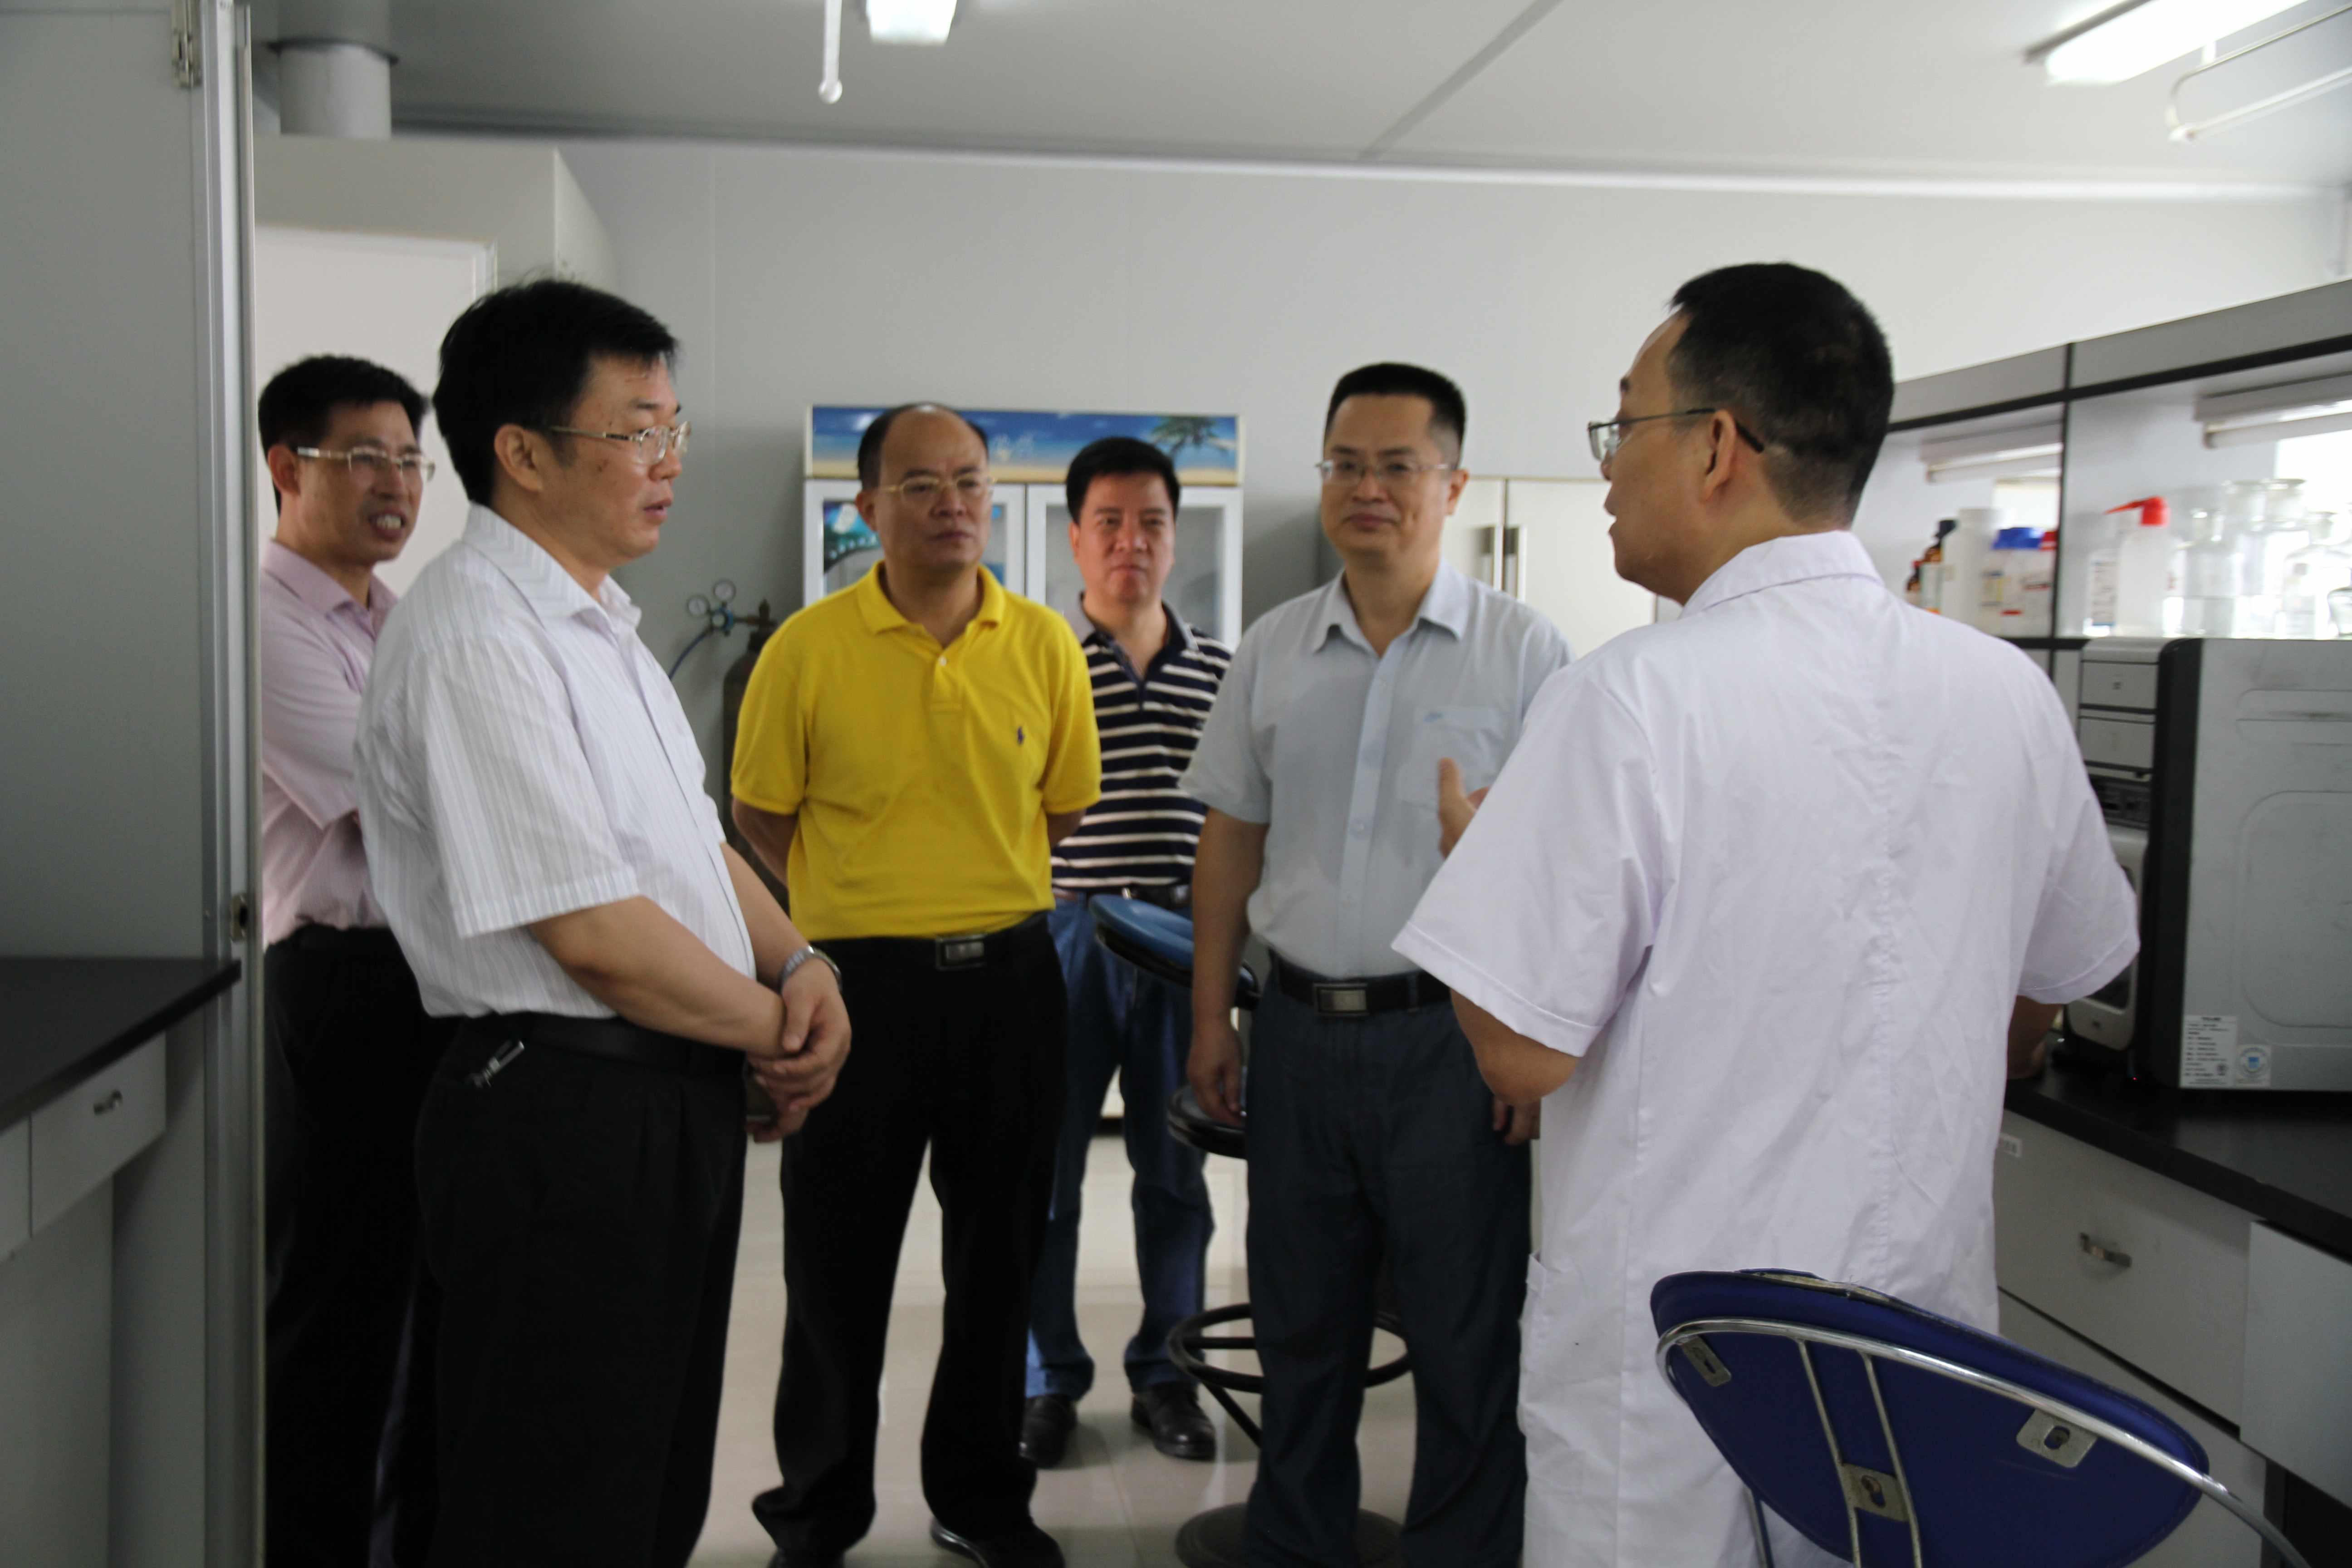 2015.05.18粮食局局长吴宇雄等领导到所里指导工作